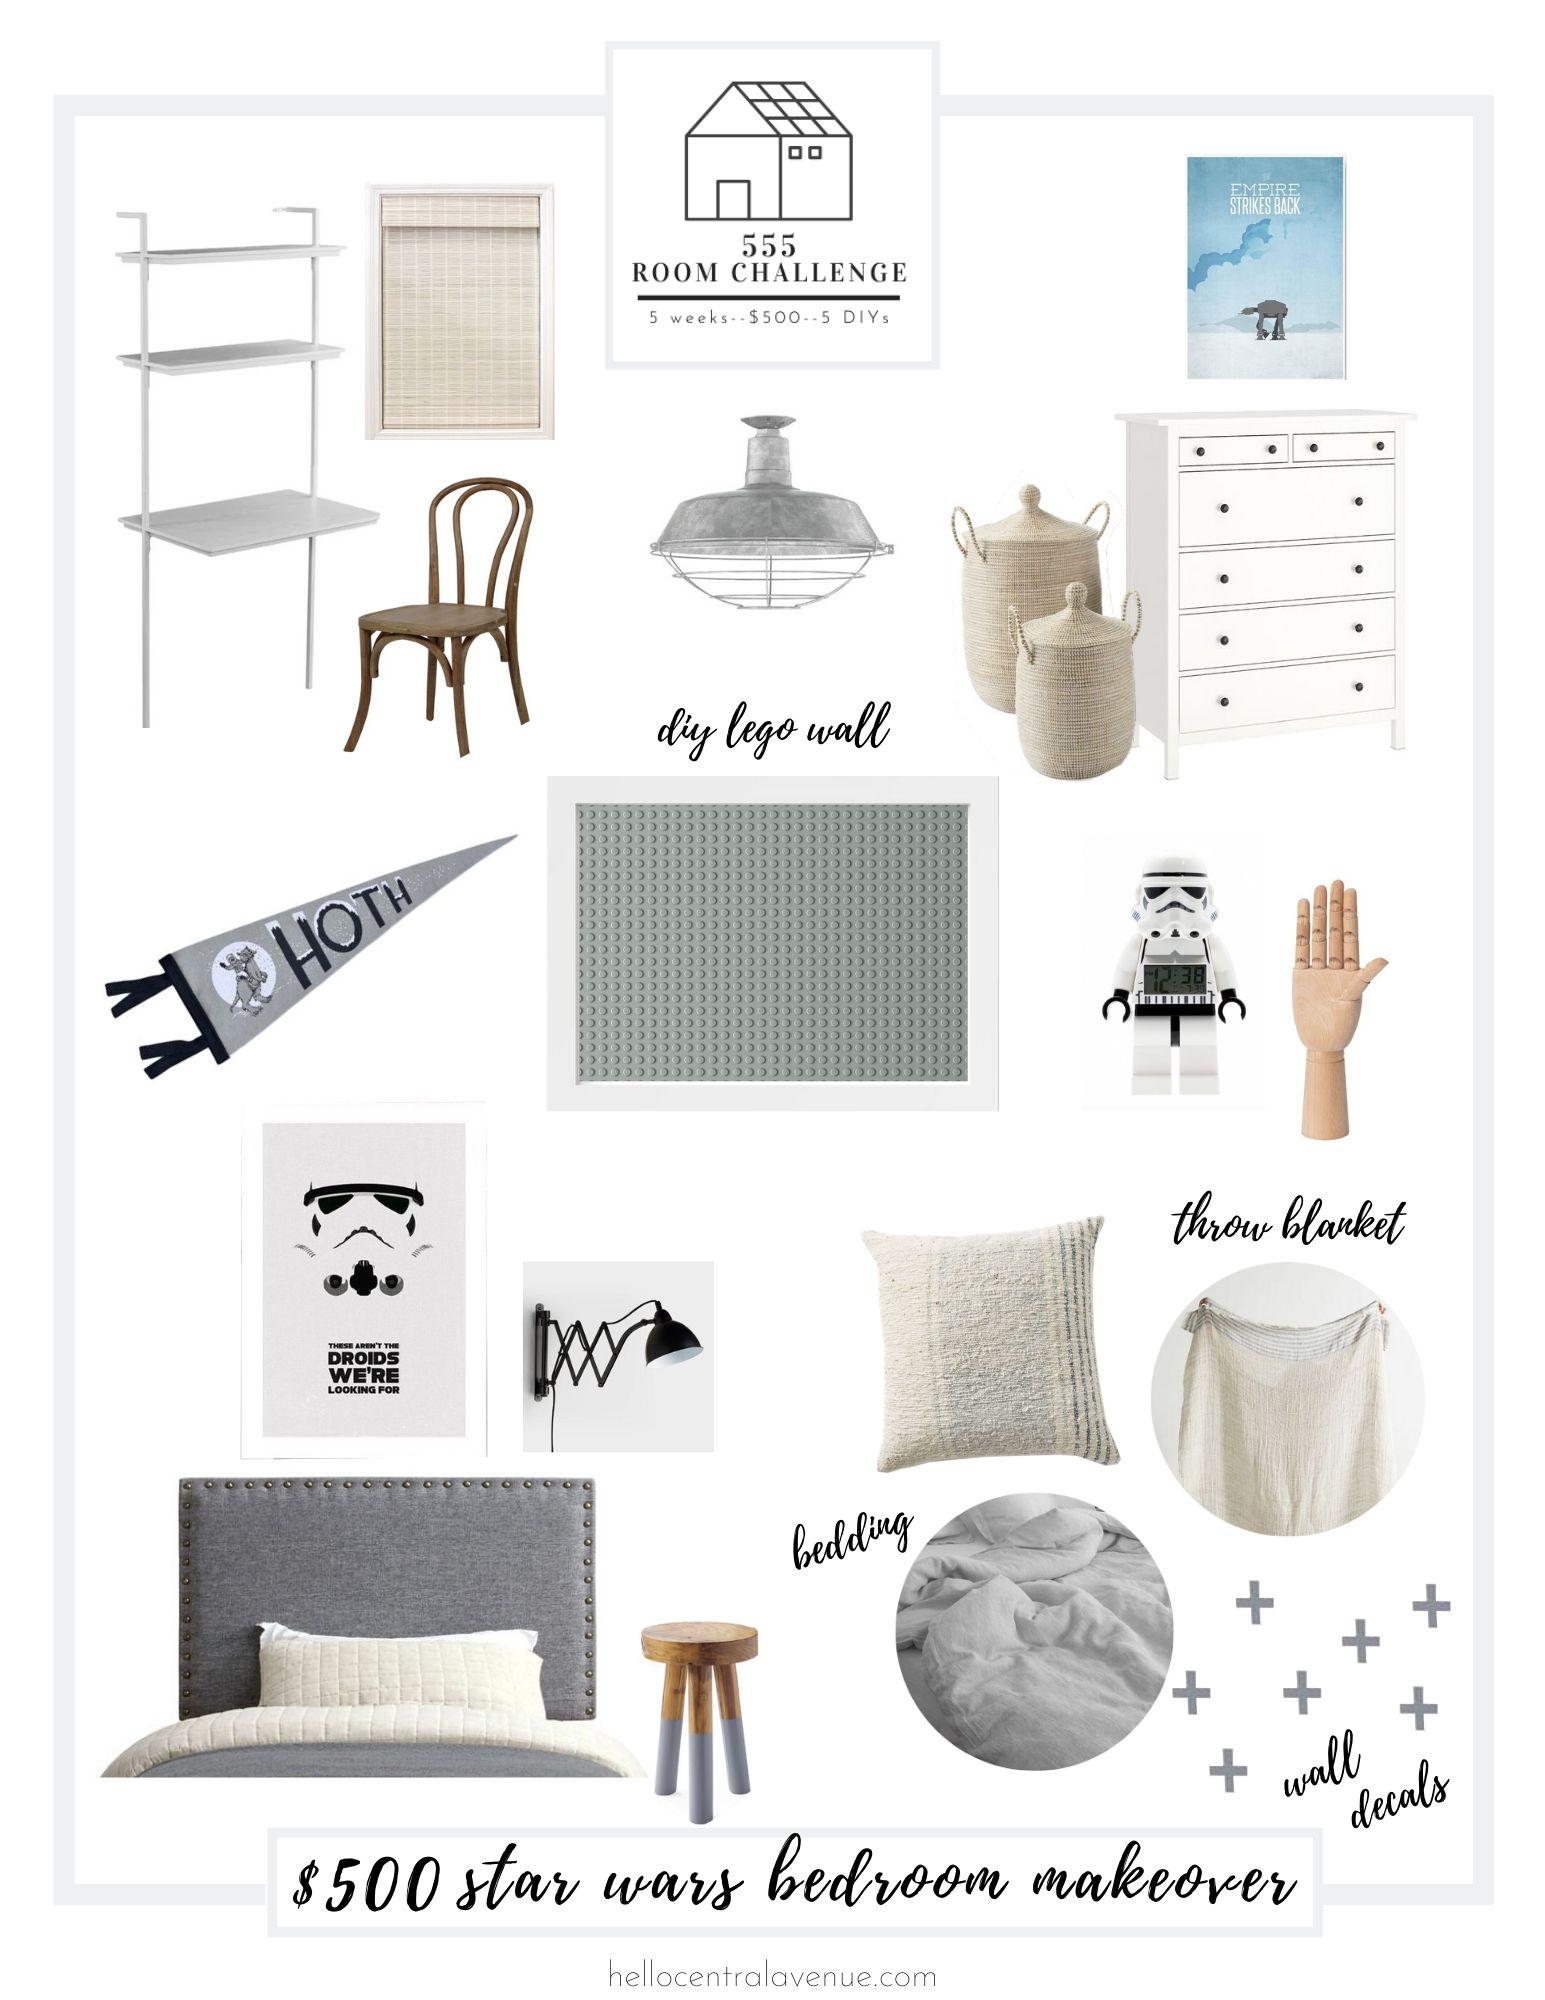 Star Wars bedroom makeover for boys bedroom. 555 Room Challenge=5 weeks, $500, 5 DIYs